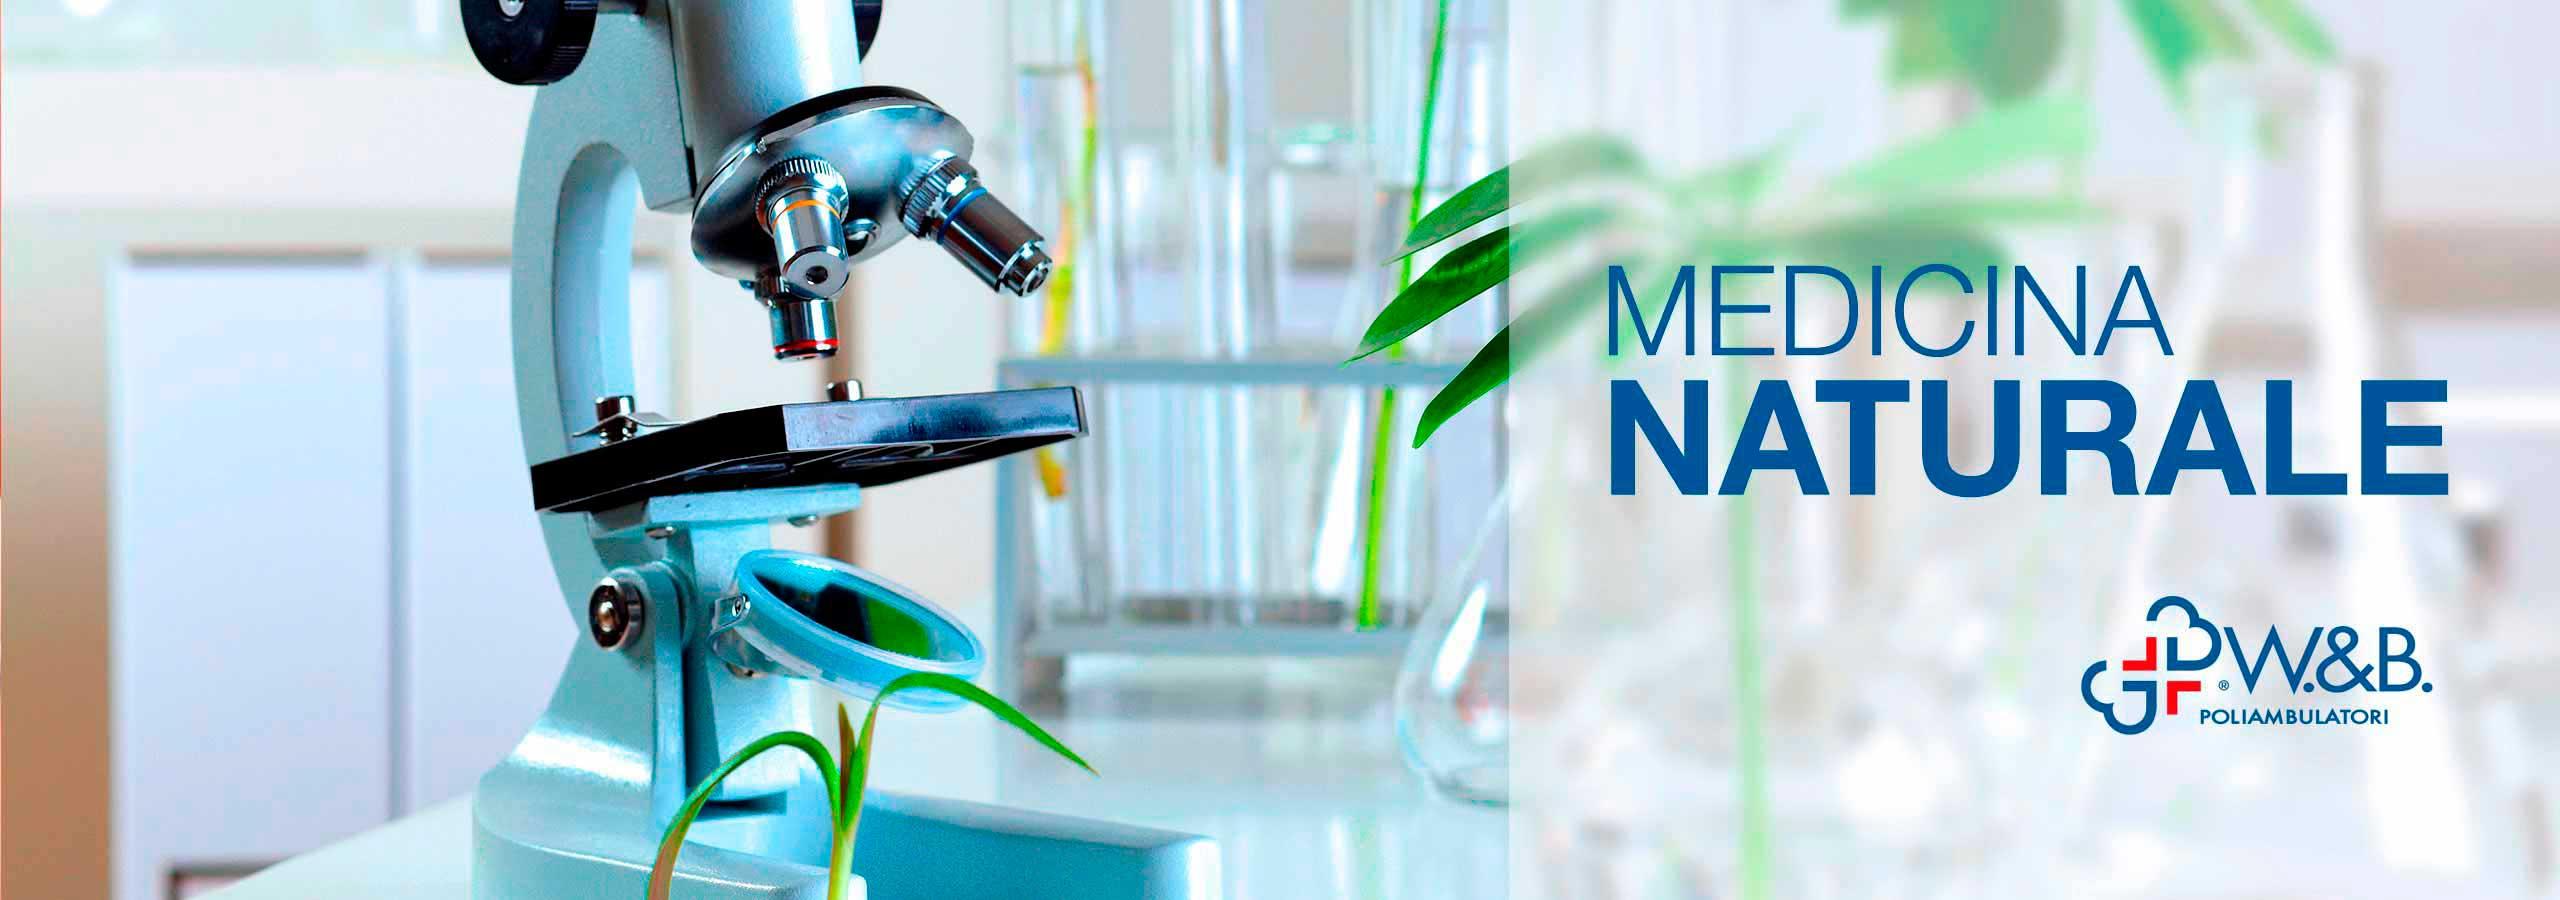 slide_medicina naturale